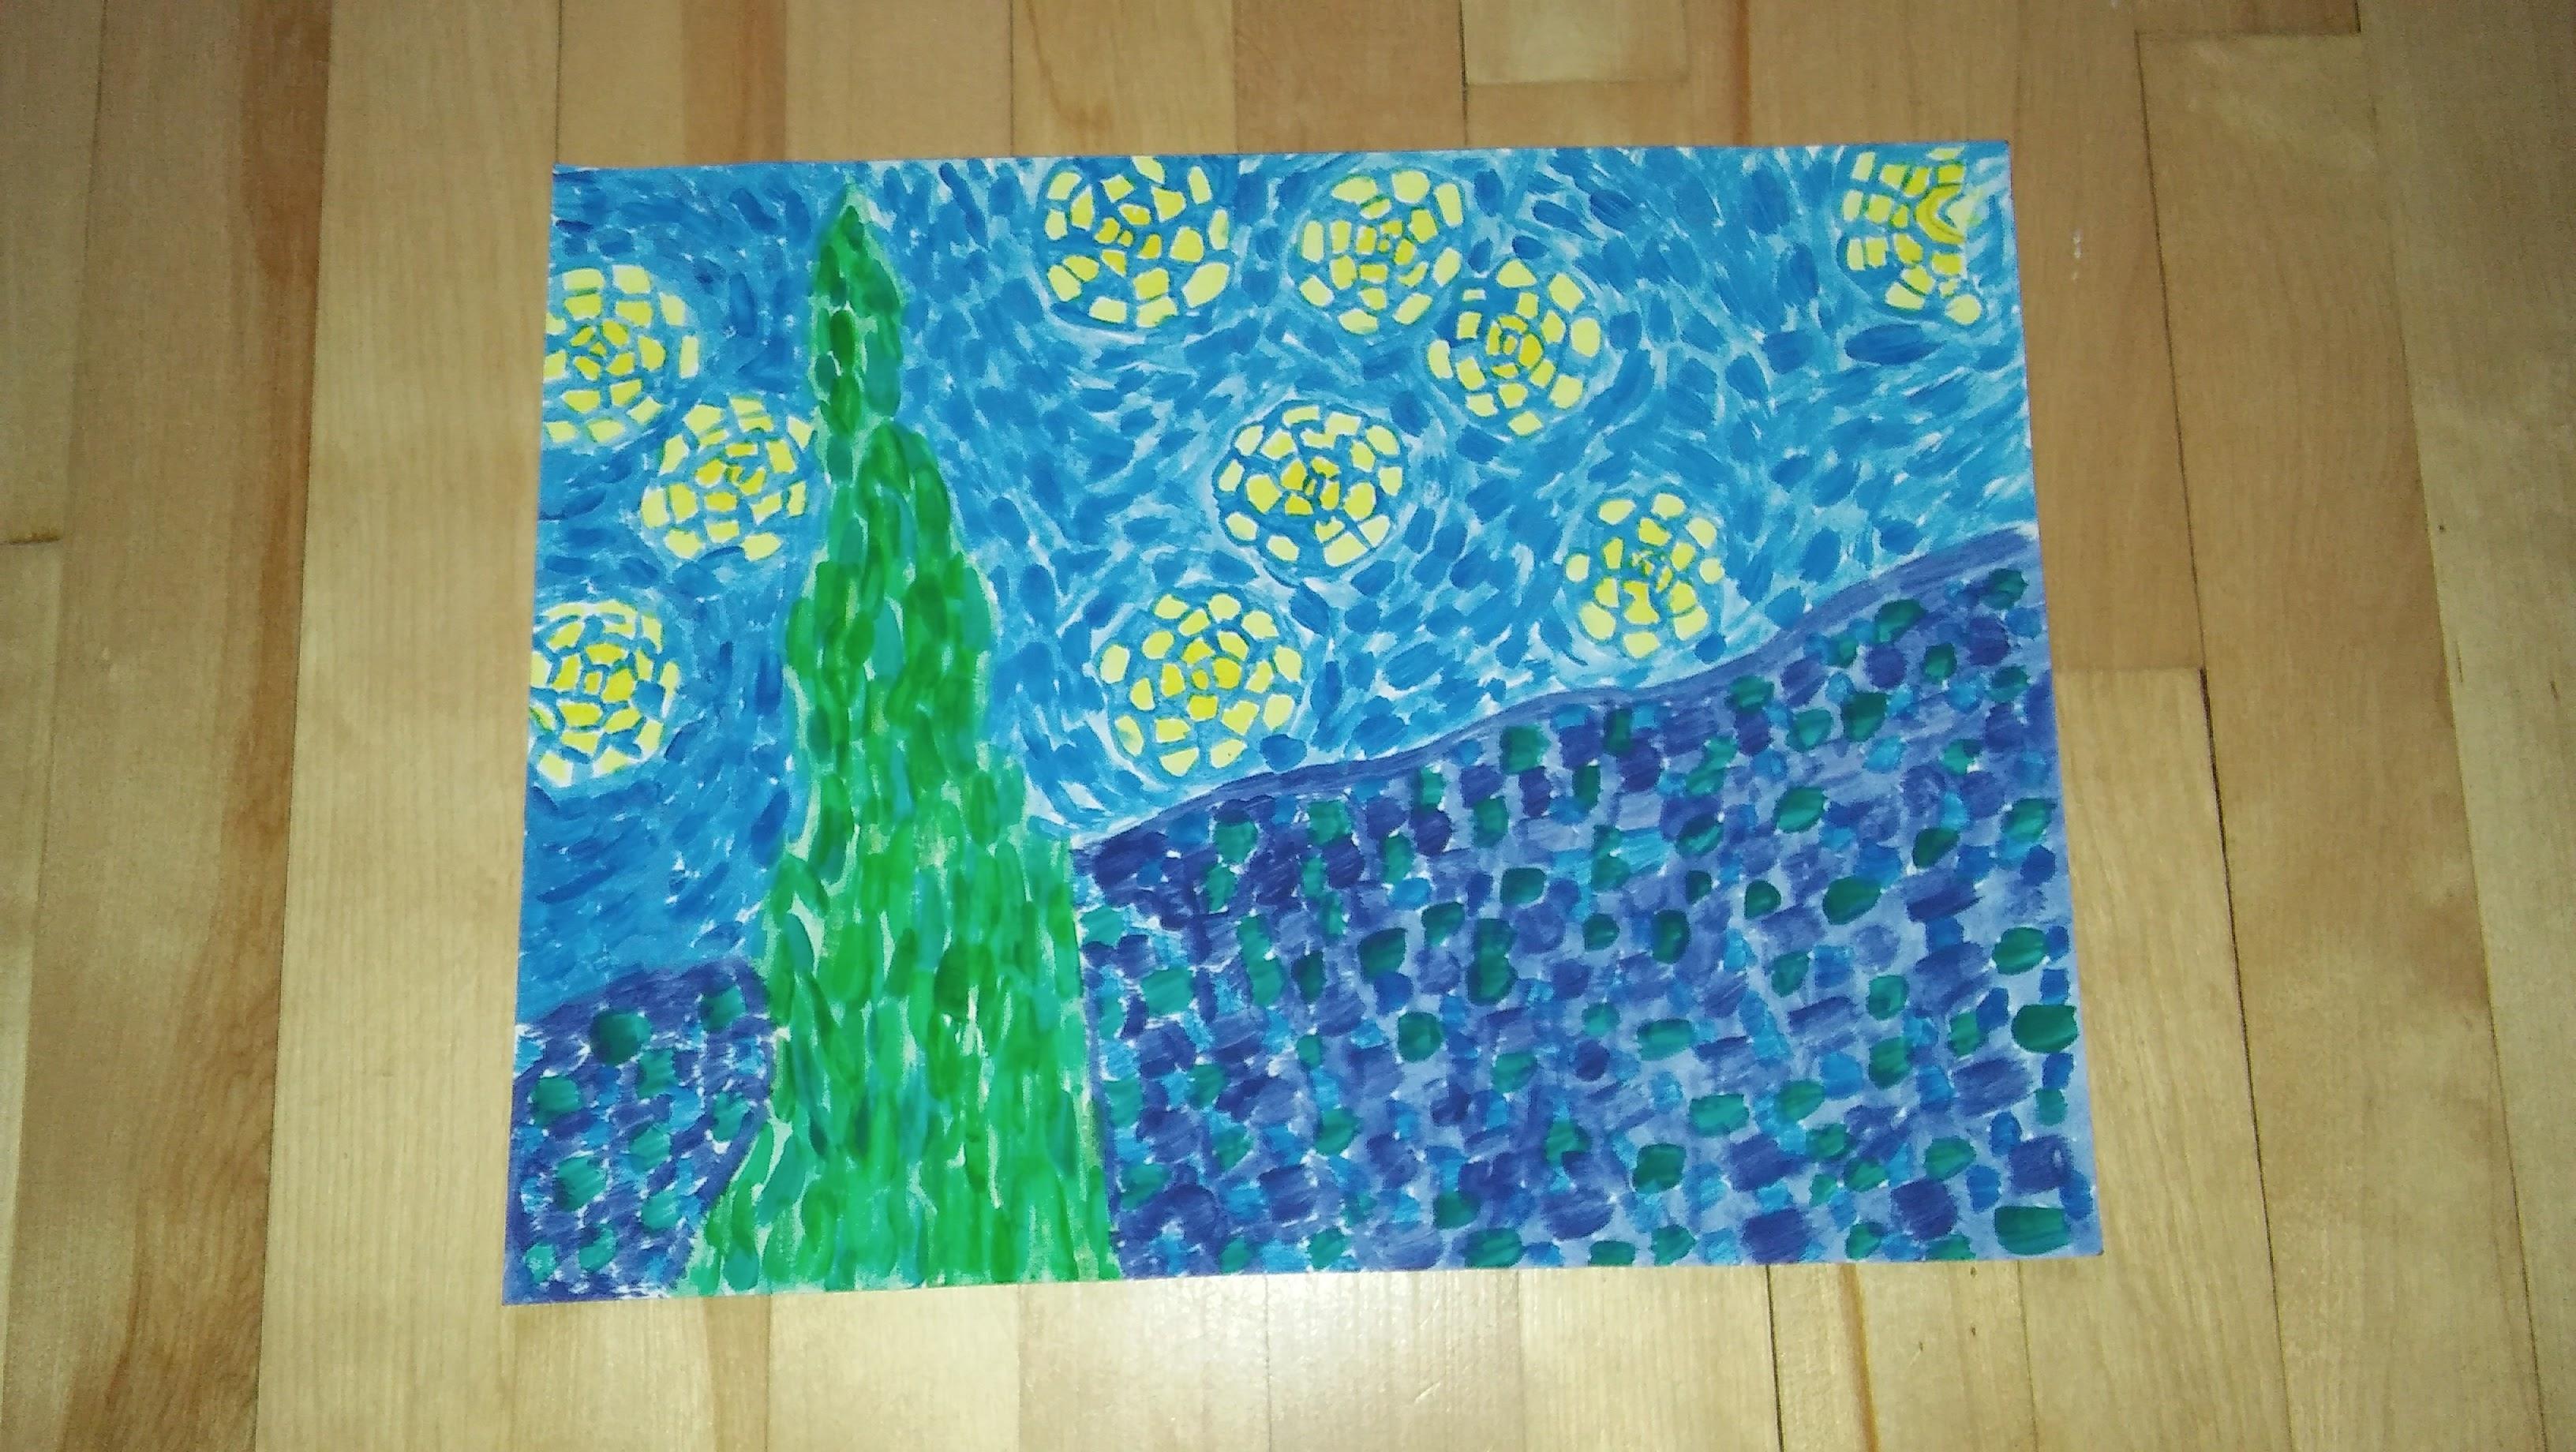 Hervorragend La nuit étoilée de Vincent Van Gogh - Céline à l'école HR72